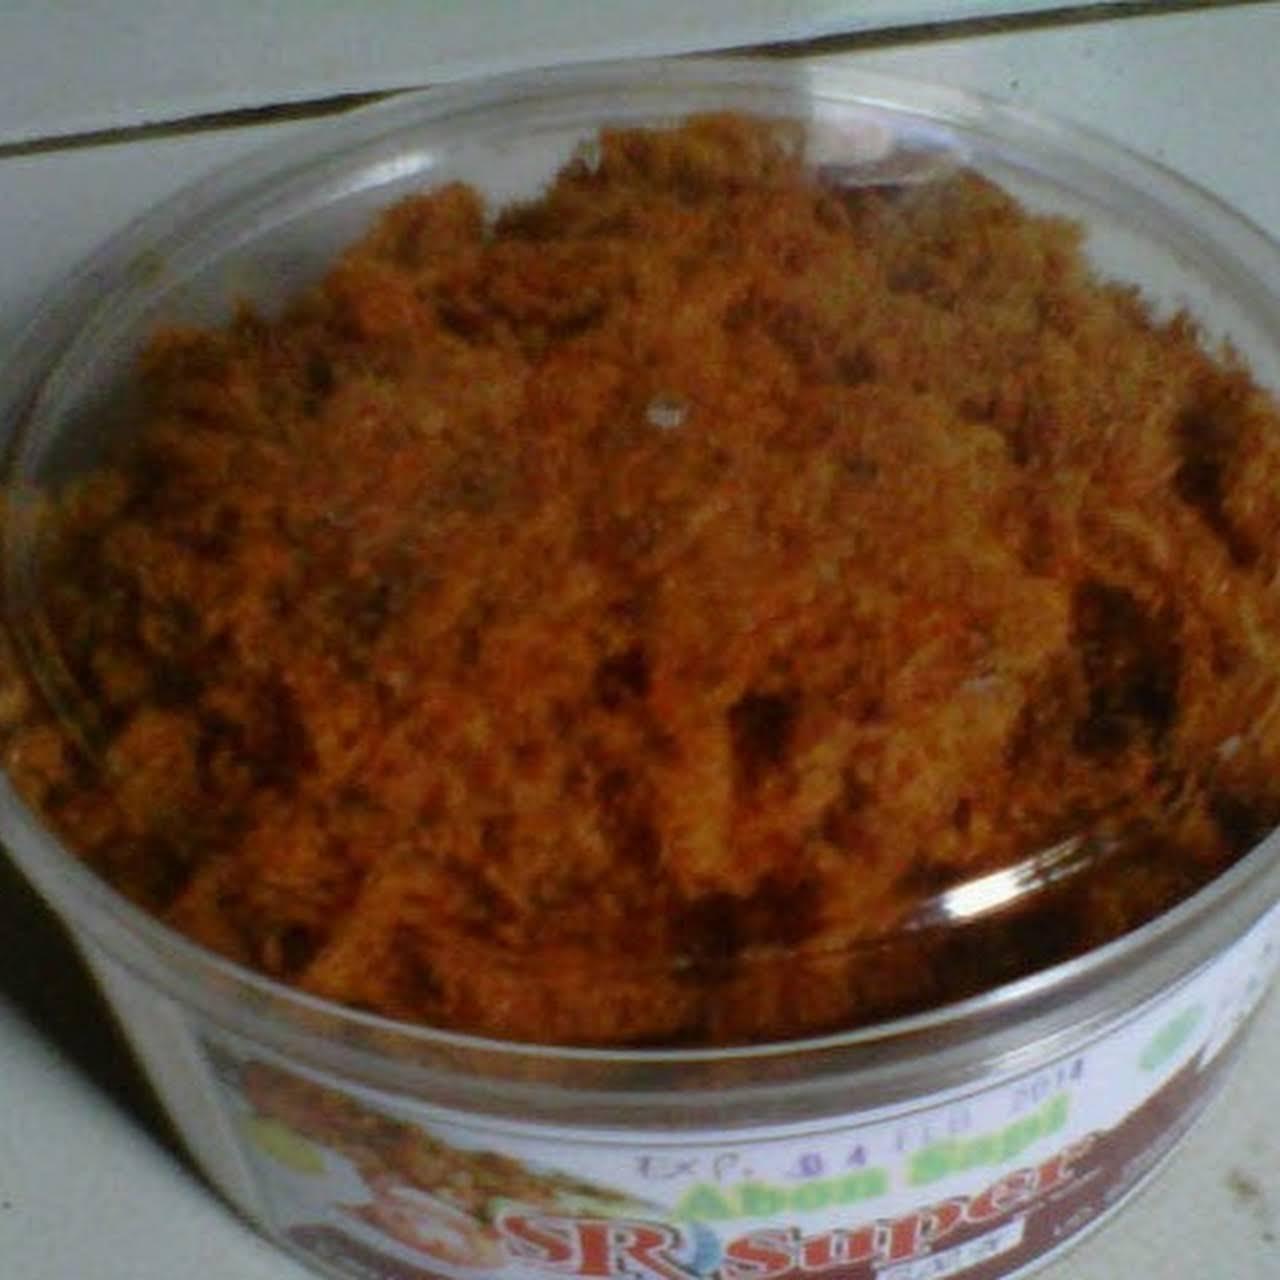 Abon Sapi Ayam Dan Bawang Goreng Saudaraku Pusat Grosir Toples Merah Sr Supe